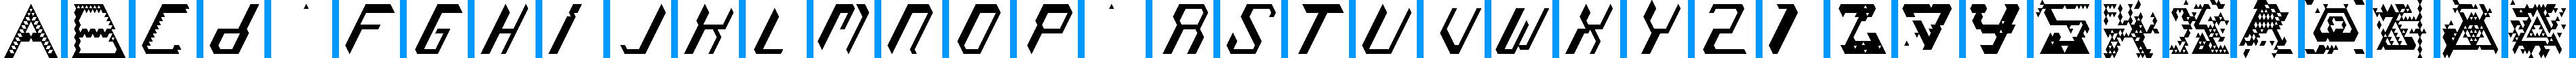 Particip-a-type v.258